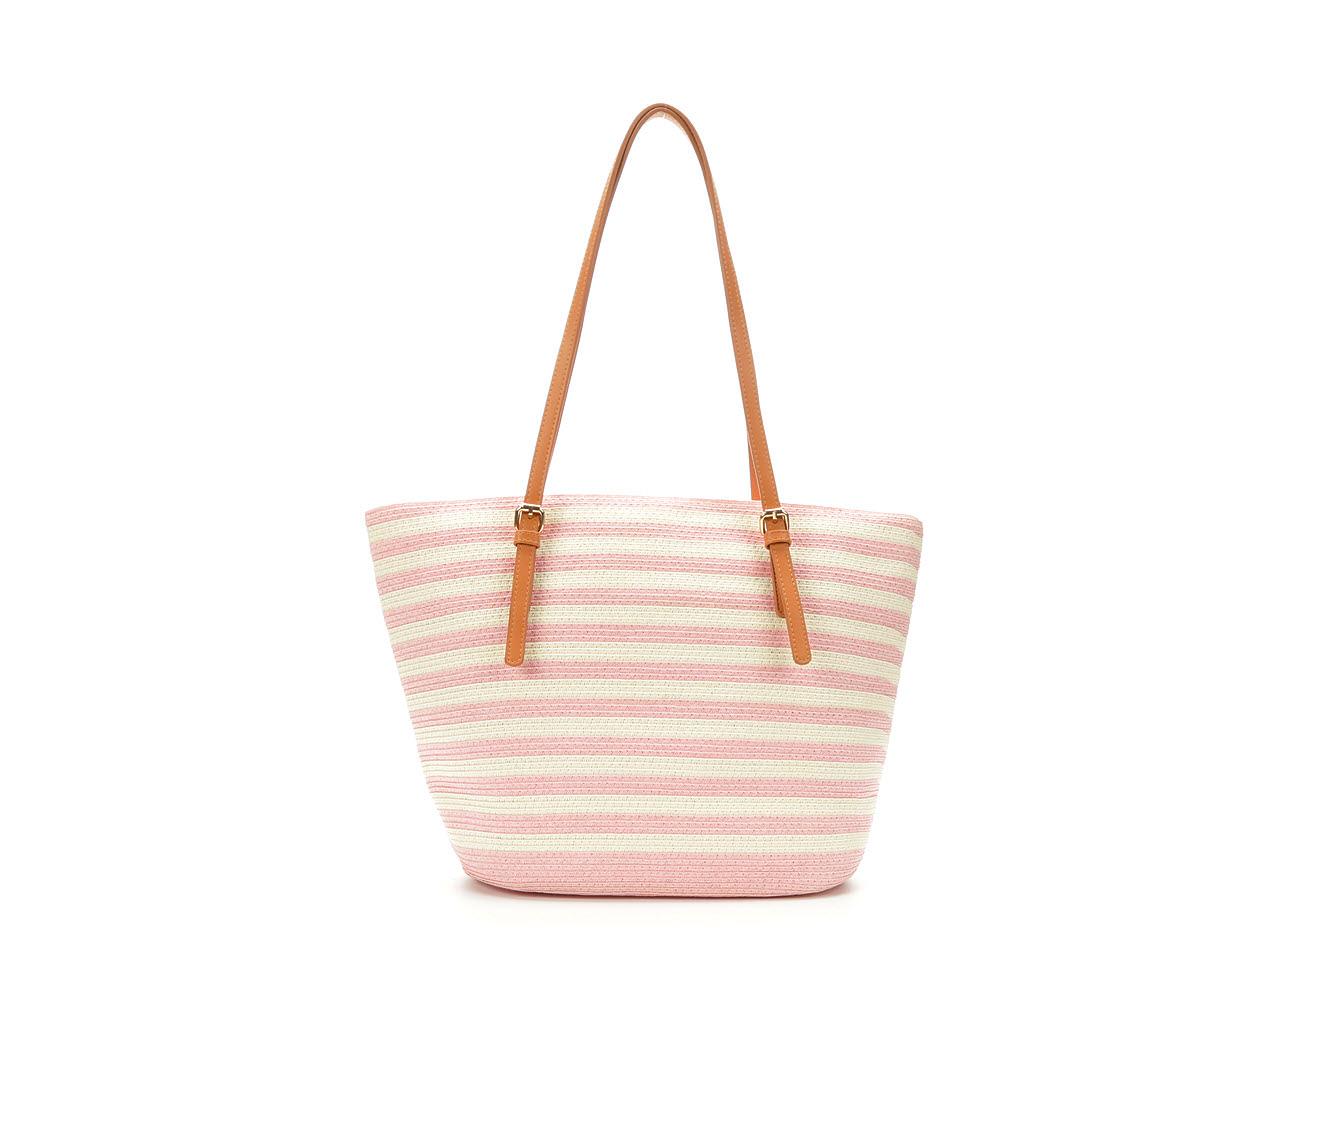 Bueno Of California Papered Straw Tote Handbag (Pink)